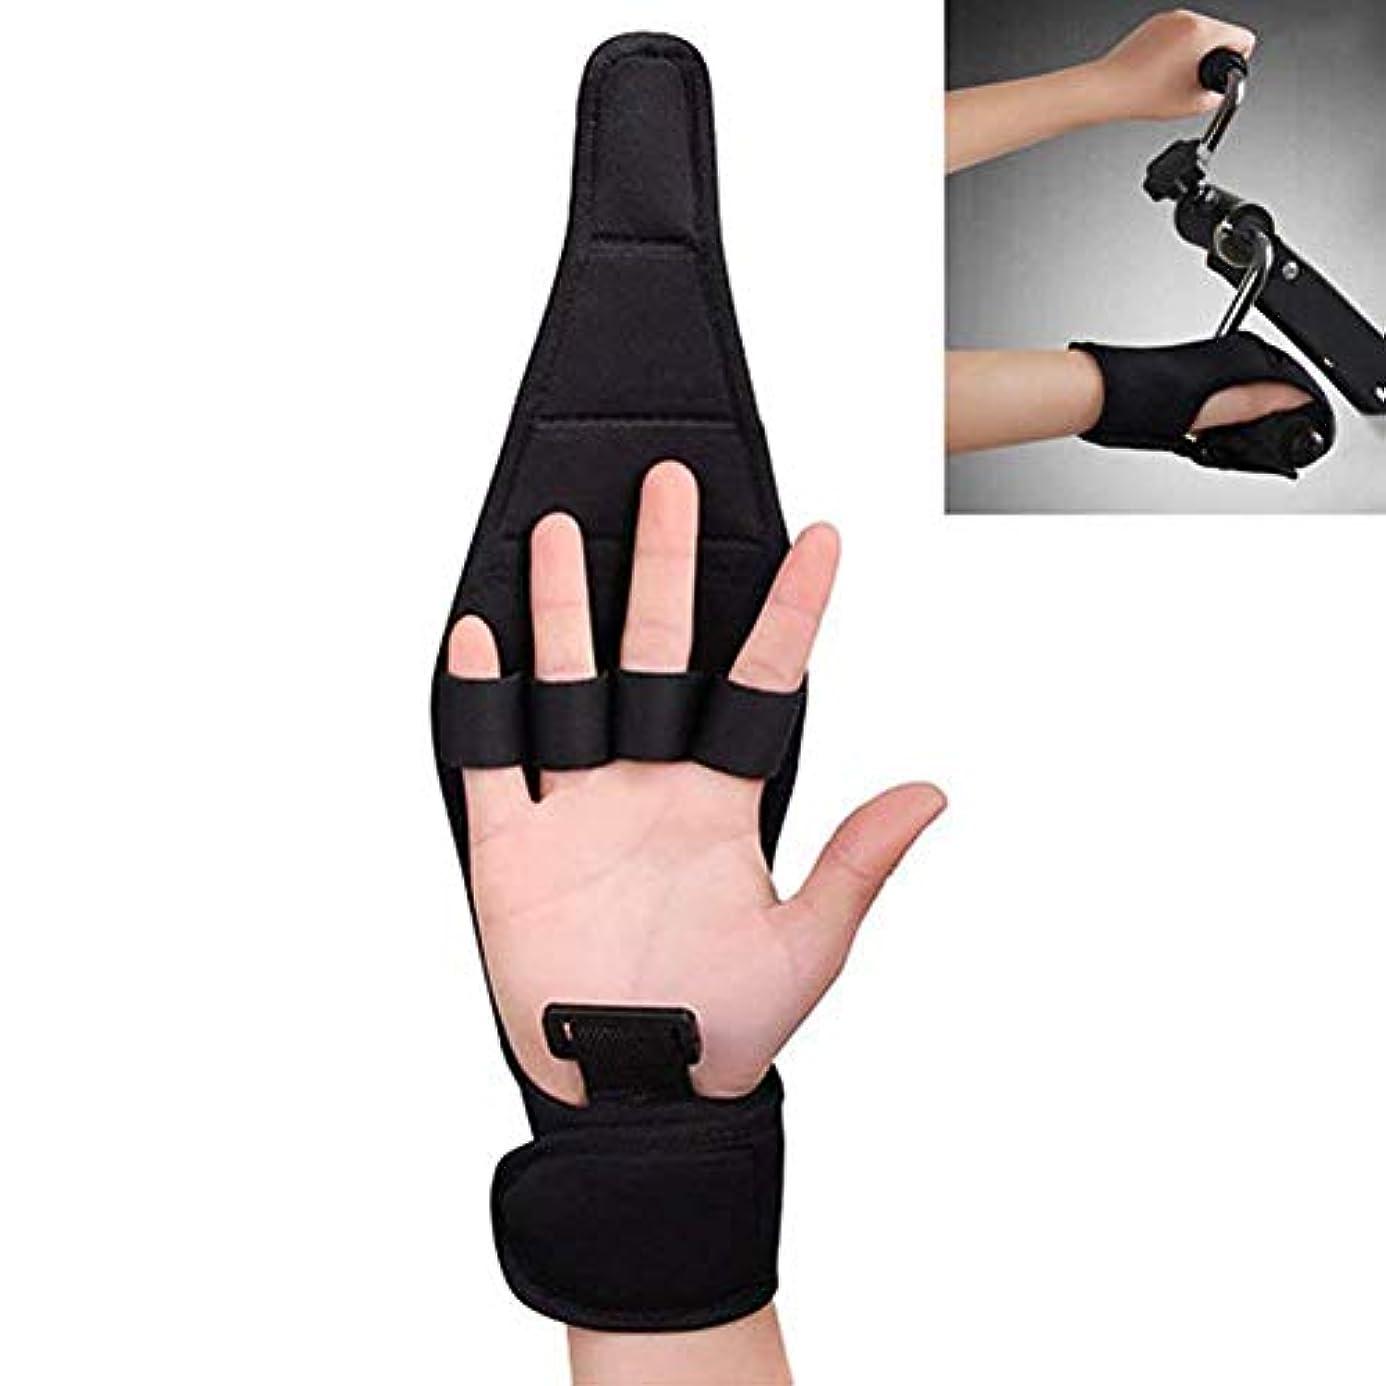 ソートフリンジ提出するトリガーフィンガースプリント、関節炎グローブセパレーターでのトレーニングサポートをサポート手装具手首の怪我リハビリテーショントレーニング,1PCS